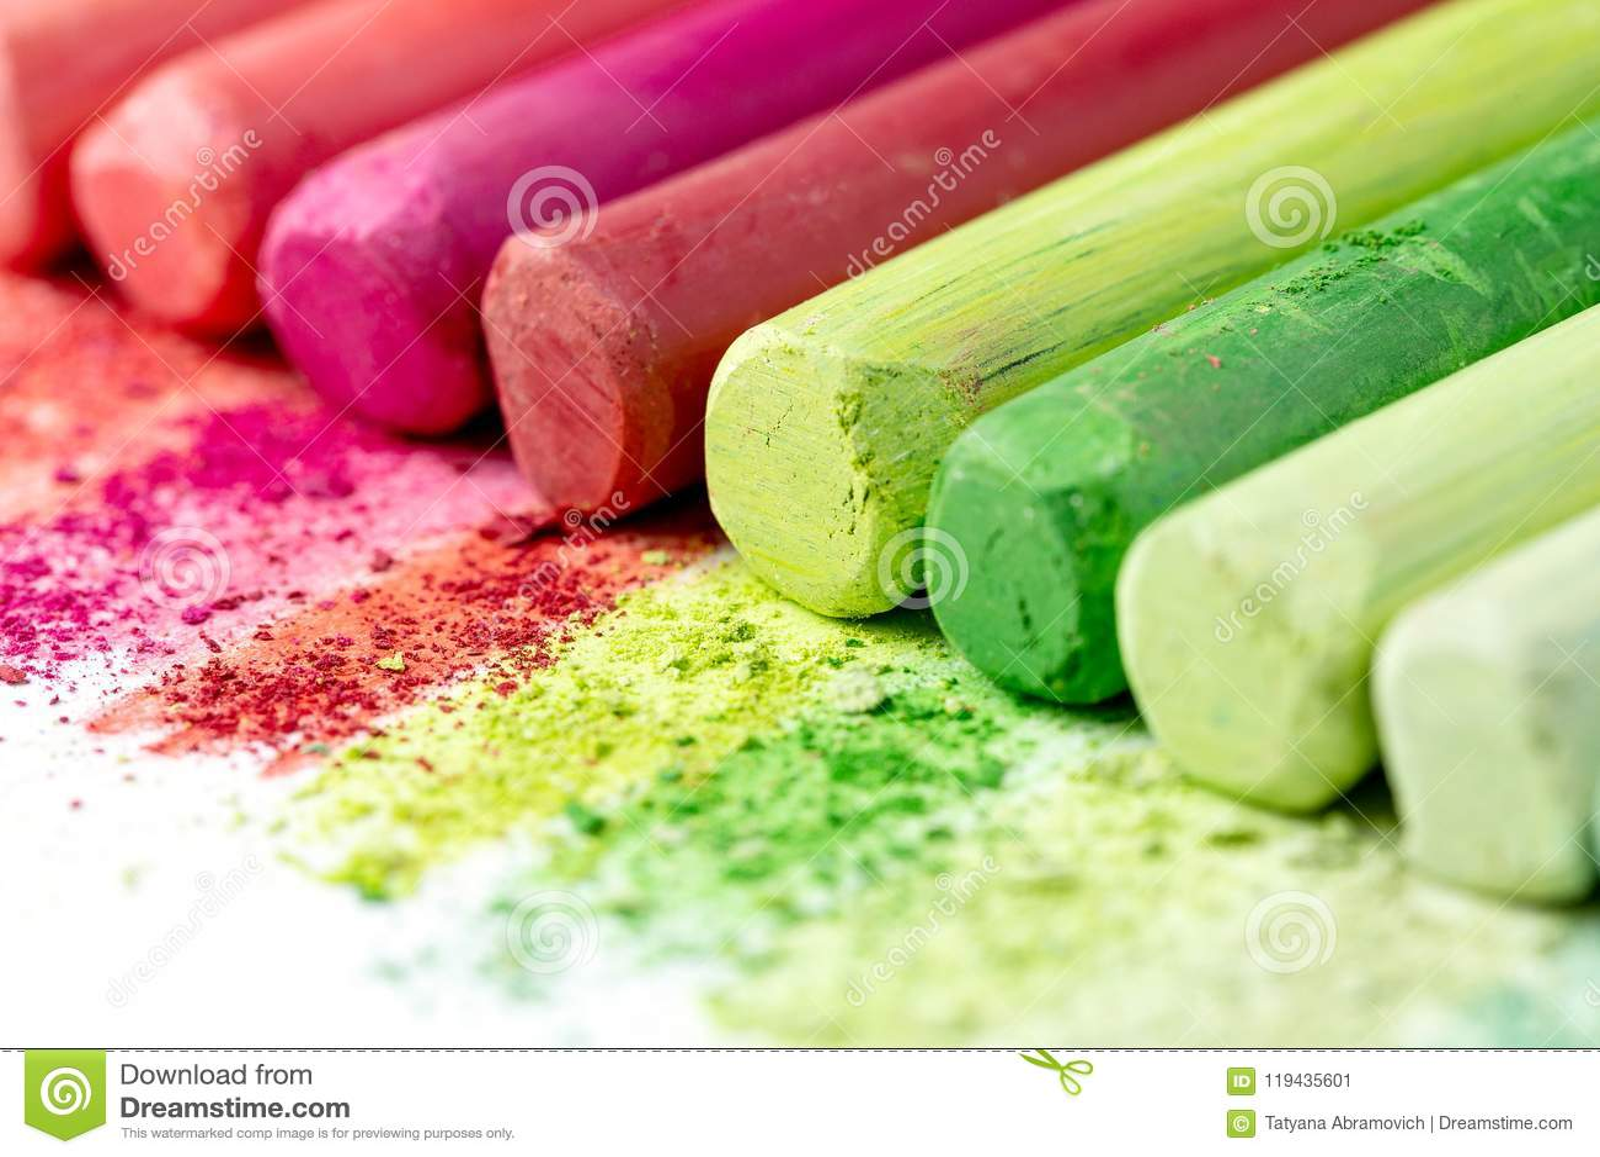 Miettes et gros morceaux de craie multicolore, pastels sur le livre blanc pour l aquarelle Crimso jaune, rose, rouge, vert, gris,